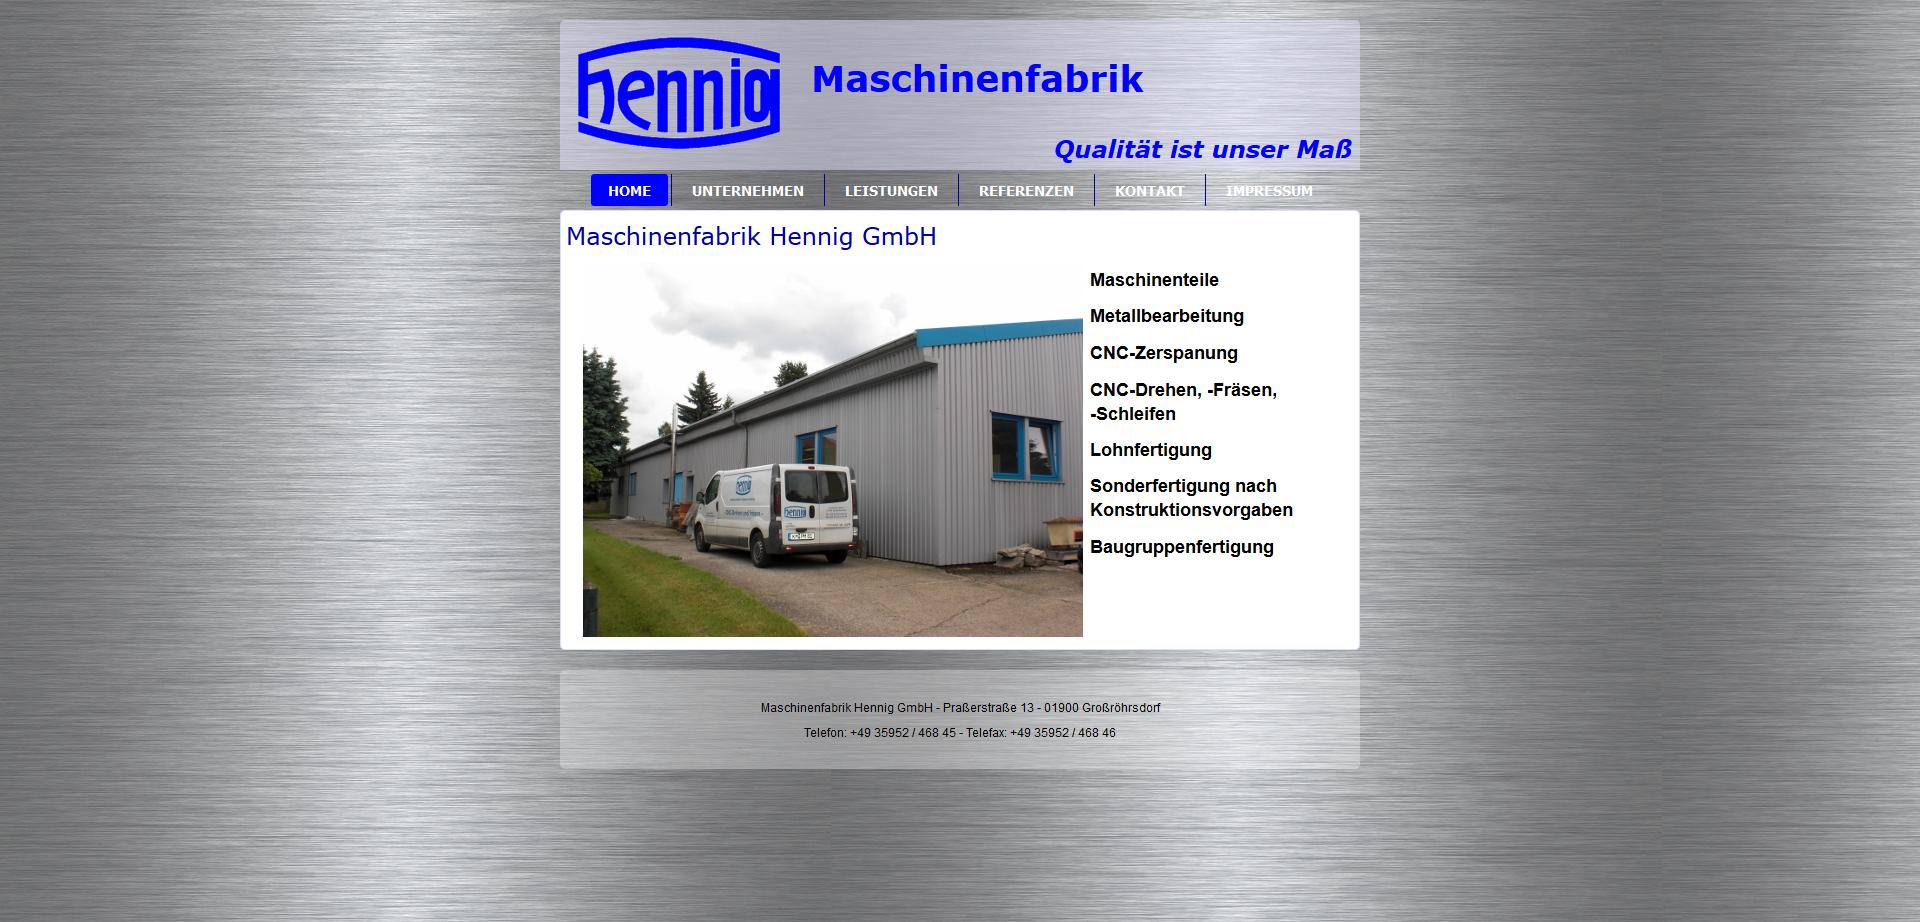 Maschinenfabrik Hennig